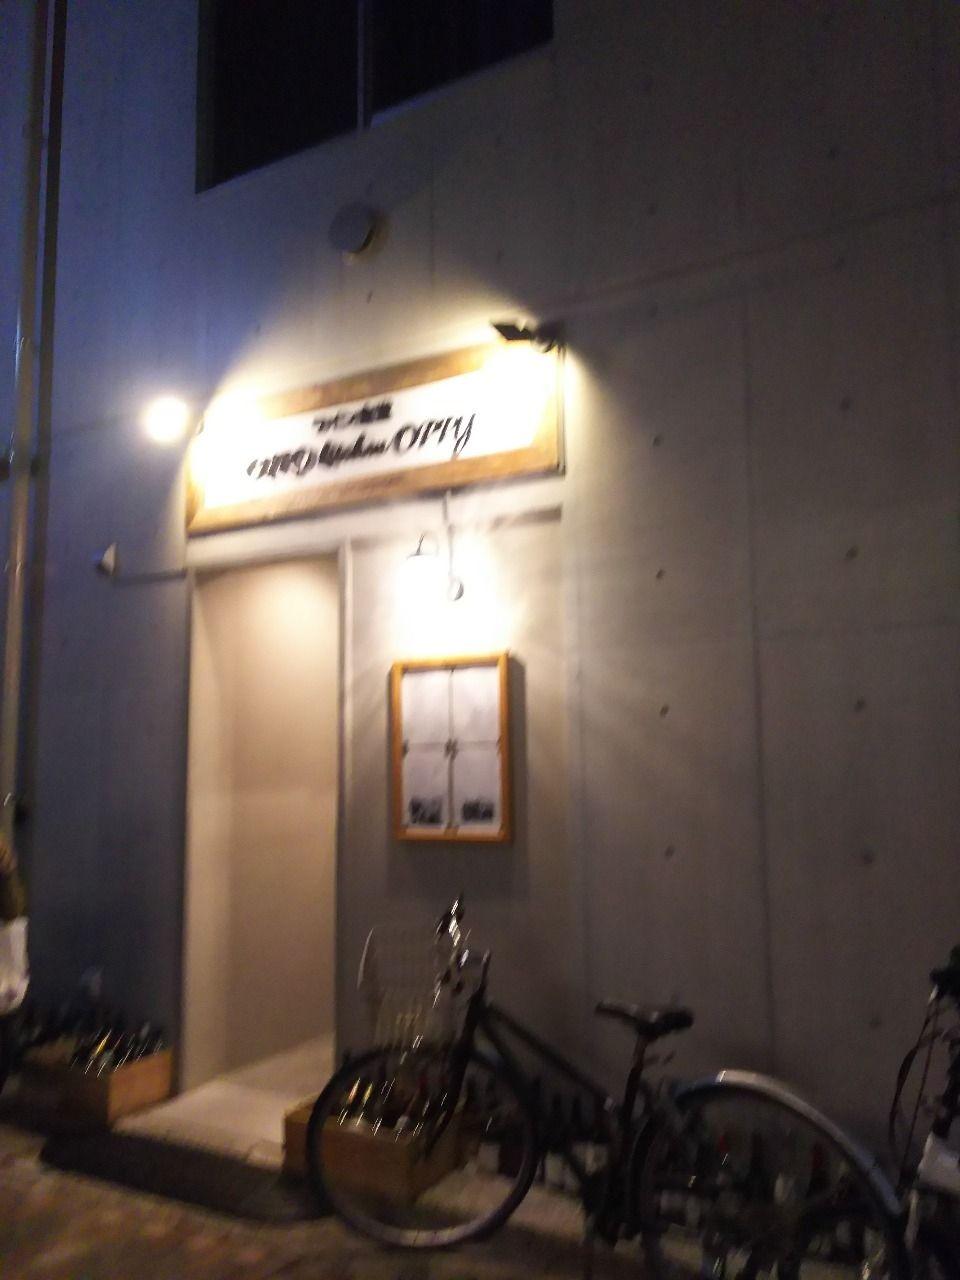 ワイン食堂 EURO kitchen OPPY (ユーロキッチンオッピー)@大井町